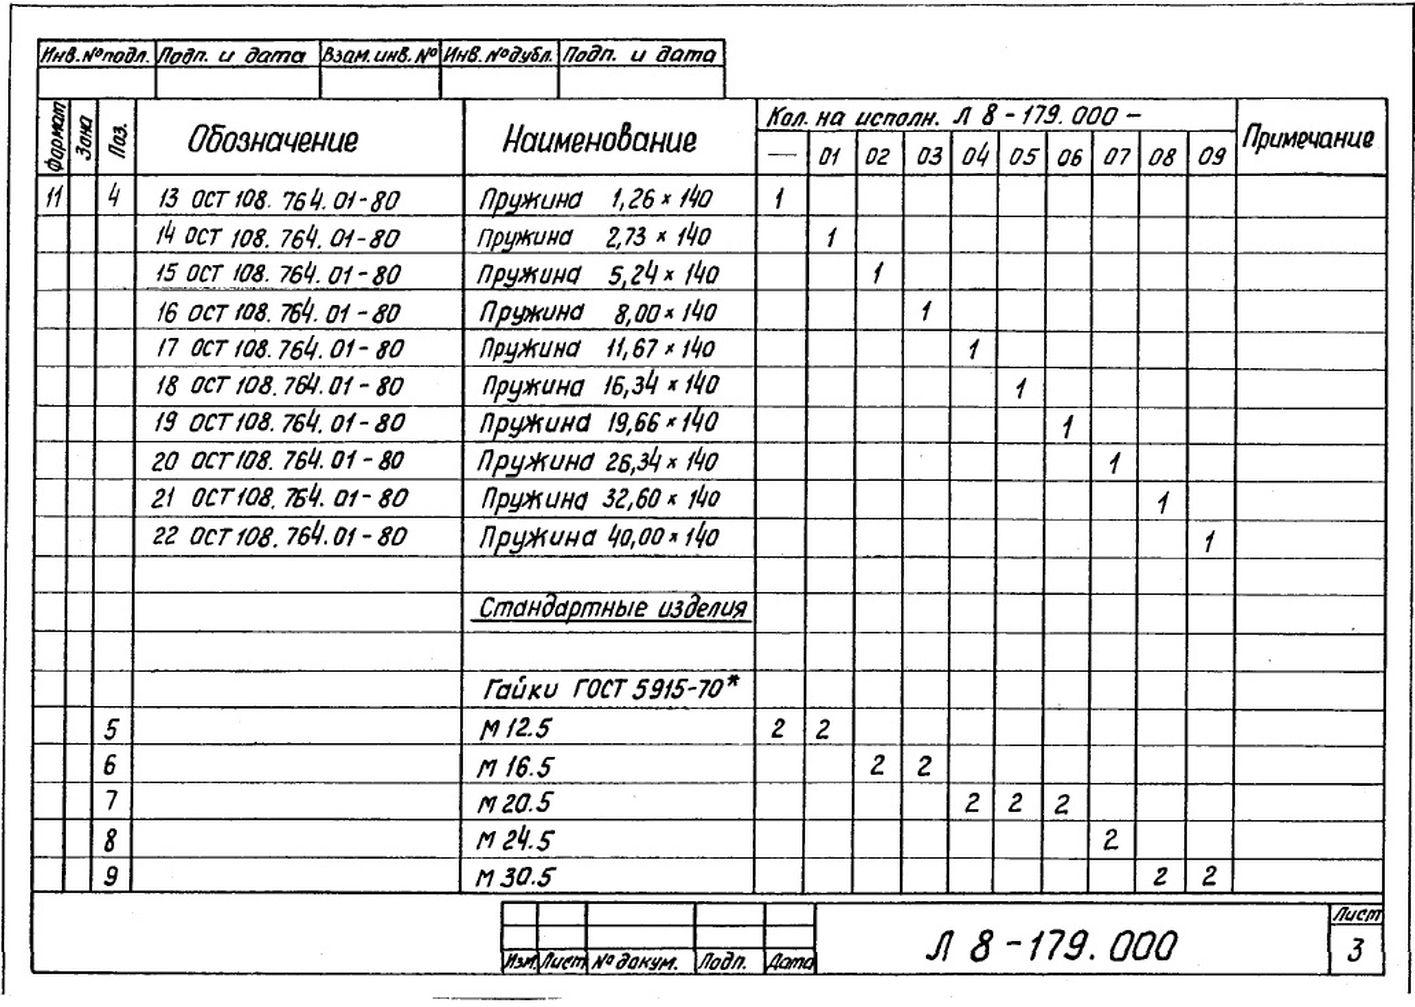 Блоки пружинные опорные Л8-179.000 стр.4